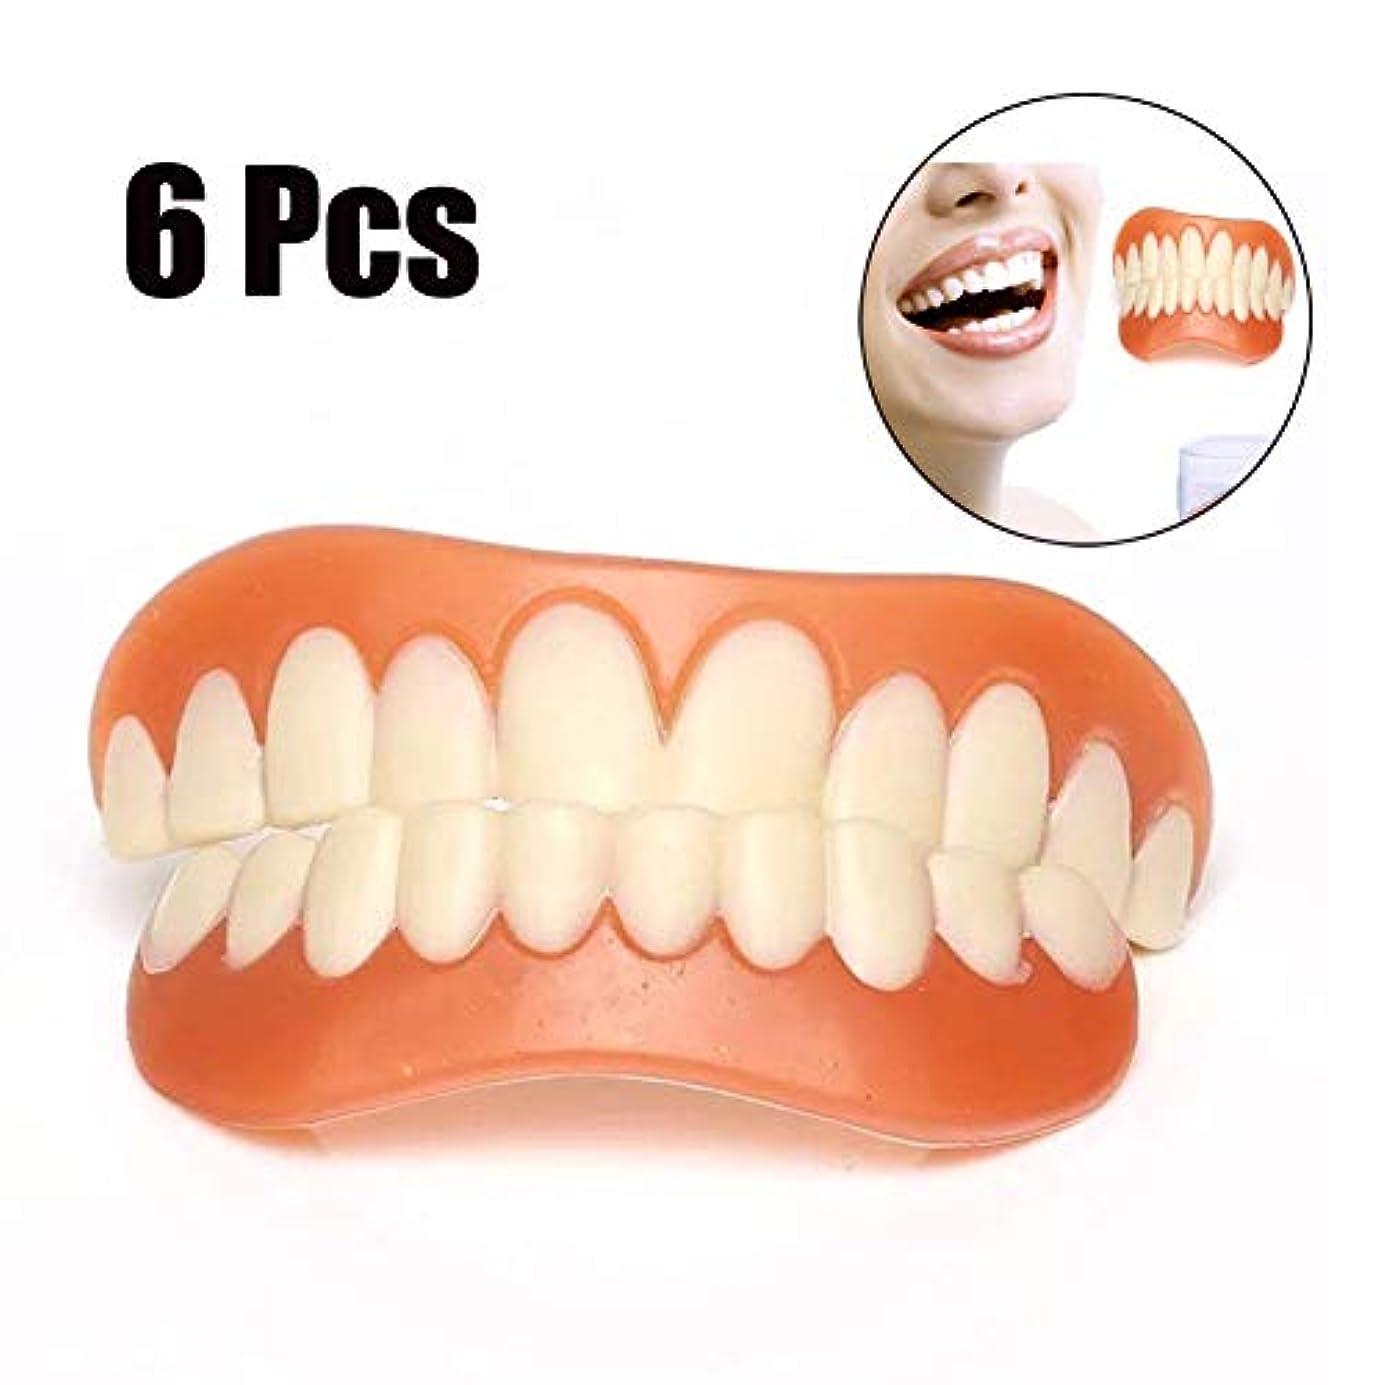 パレードステレオ扇動6本のベニアの歯、化粧品の歯3ペア - インスタントスマイルコンフォートフィットフレックス化粧品の歯、ワンサイズ、快適なトップとボトムベニア